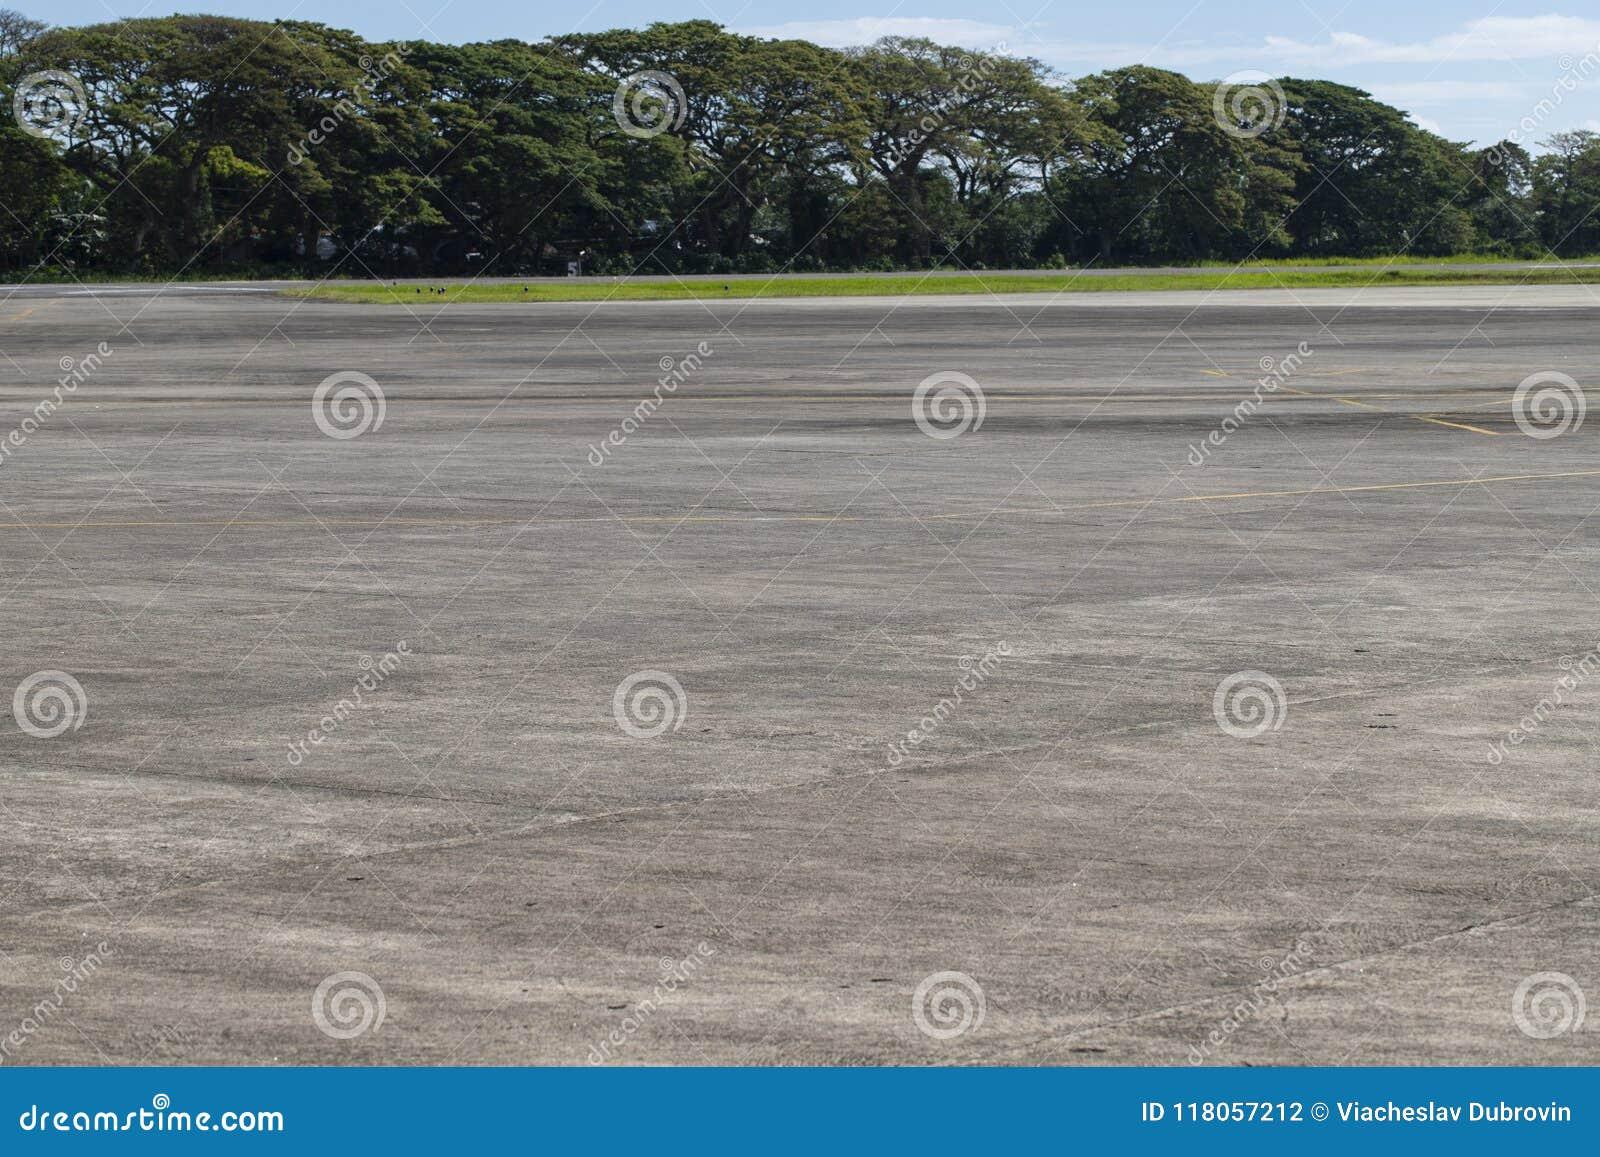 Поле авиапорта с растительностью Пустая взлётно-посадочная полоса в тропической стране Назначение перемещения летних каникулов